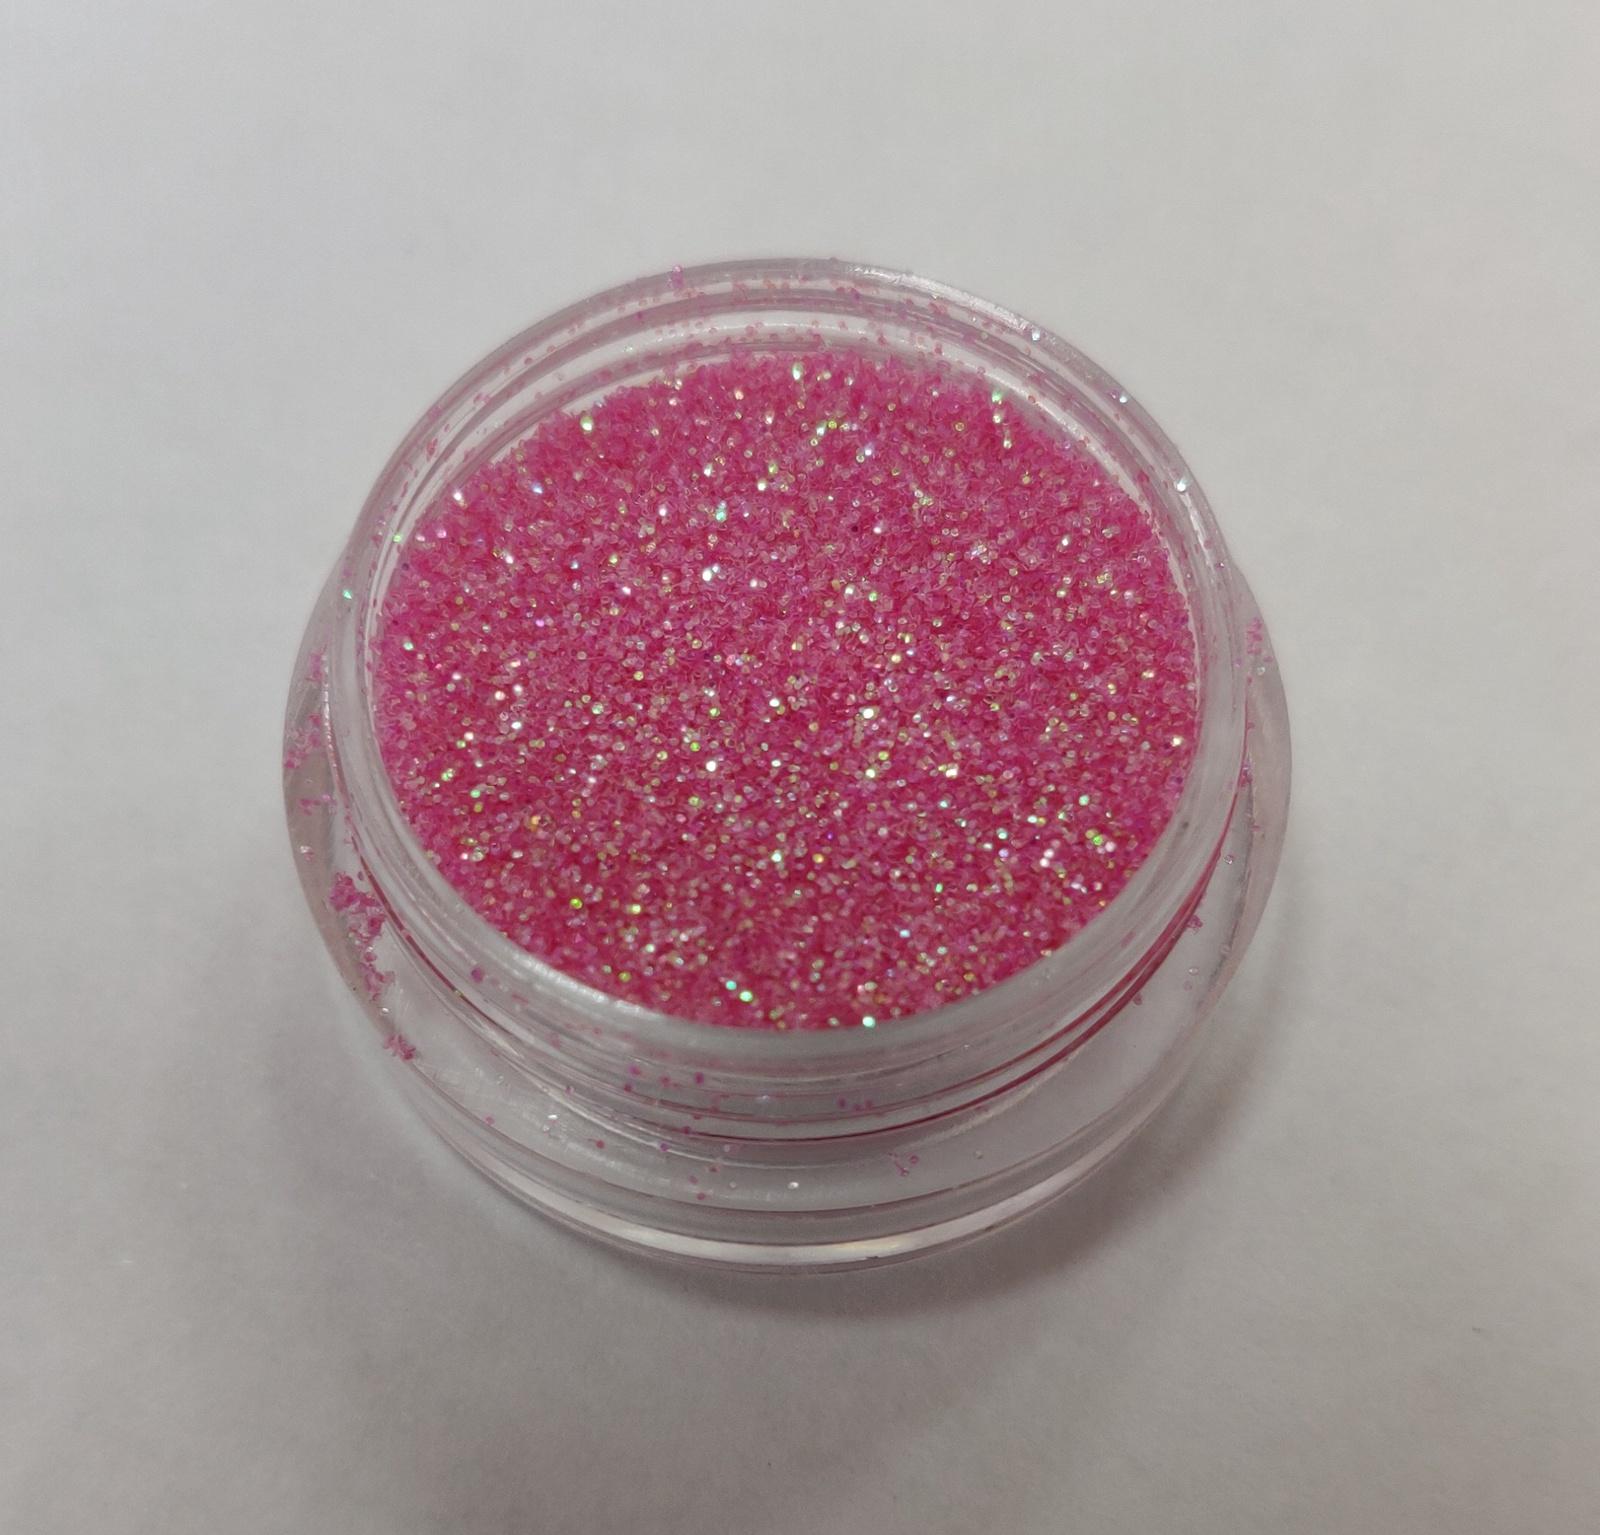 Фото - Песок для дизайна ногтей (розовый) шаблоны для дизайна ногтей larry s store 8pcs na144